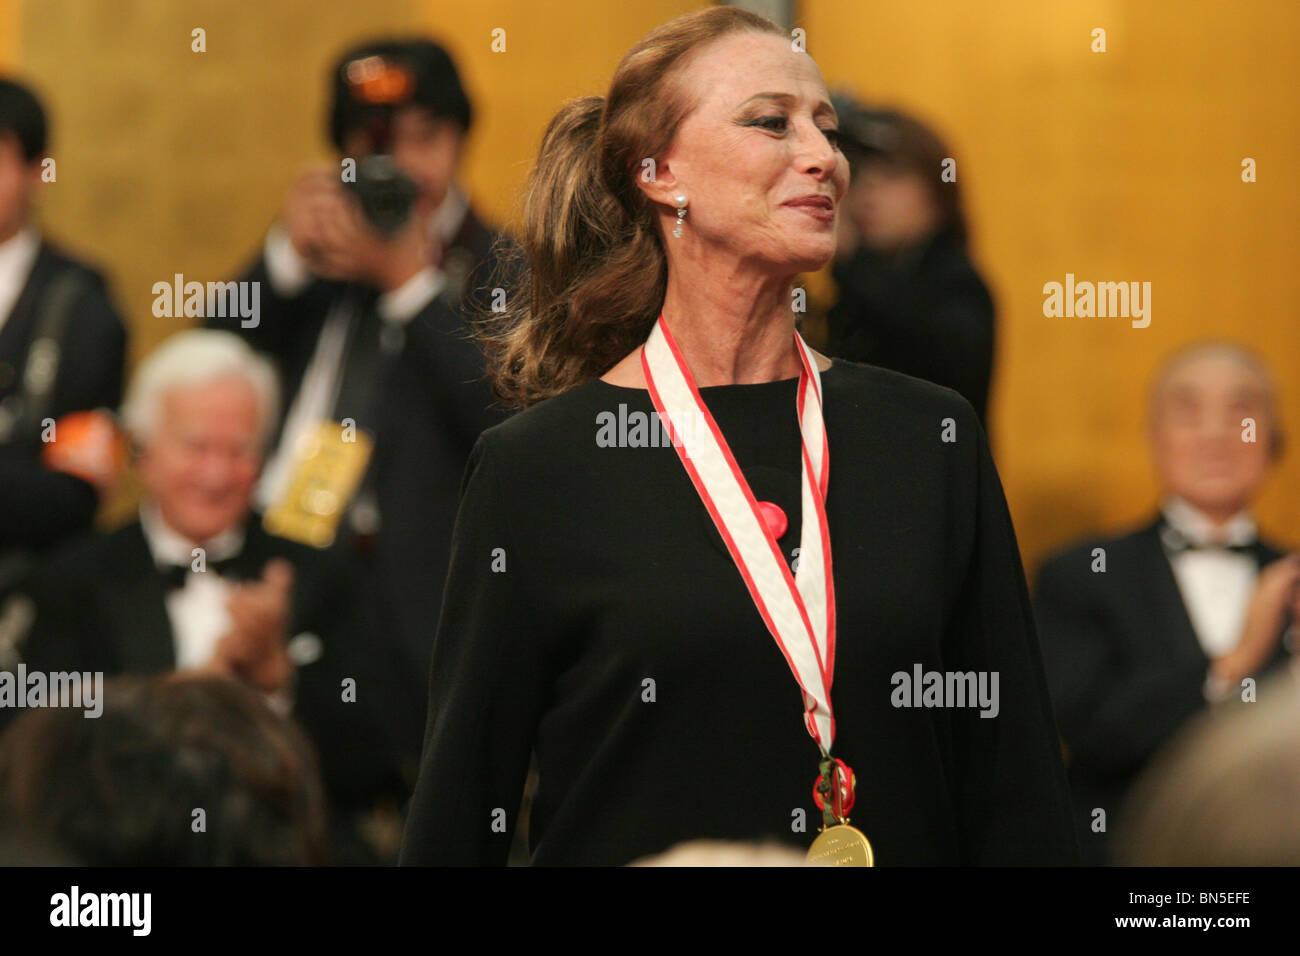 Maya Plisetskaya Awards 65